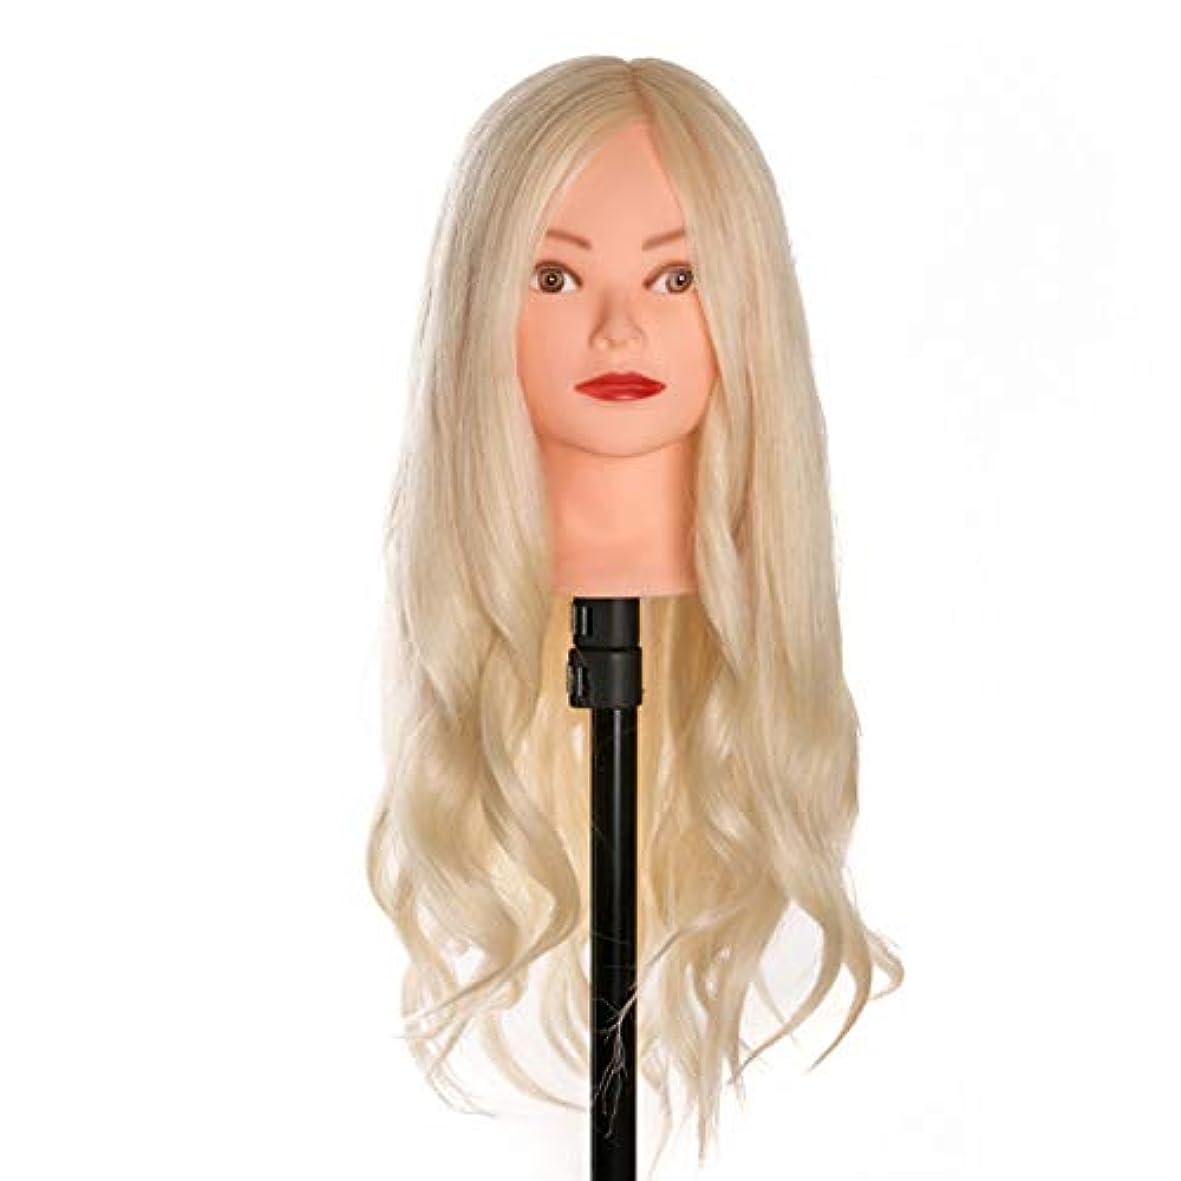 ケーキポーンソビエトヘアカットトレーニングかつらメイクディスクヘアスタイリング編組ティーチングダミーヘッド理髪サロンエクササイズヘッド金型3個